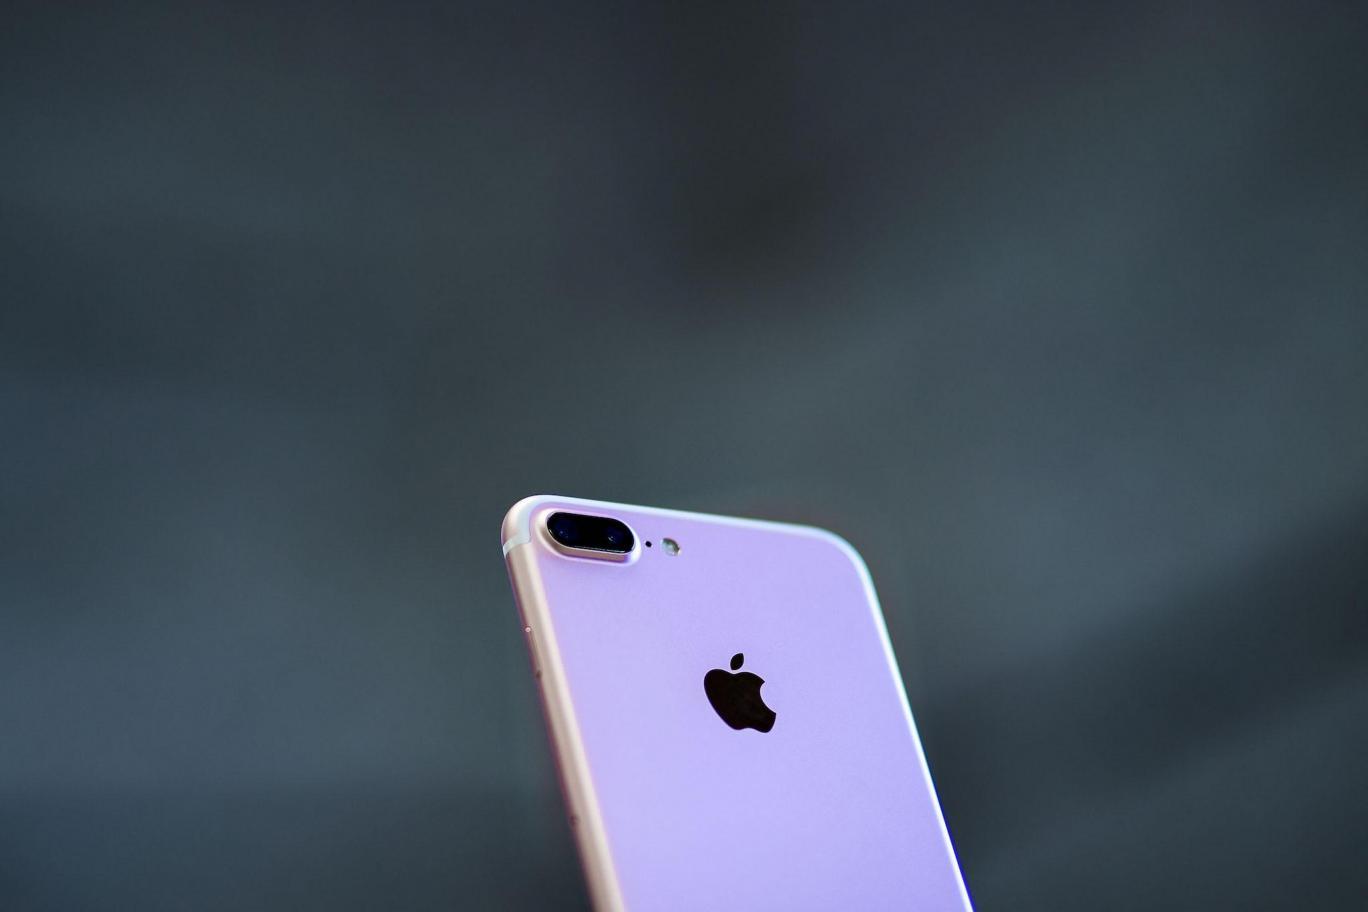 """أبل تتعهد بإصدار """"أي فون"""" مُصنّع كلياً من مواد مُعاد تدويرها"""